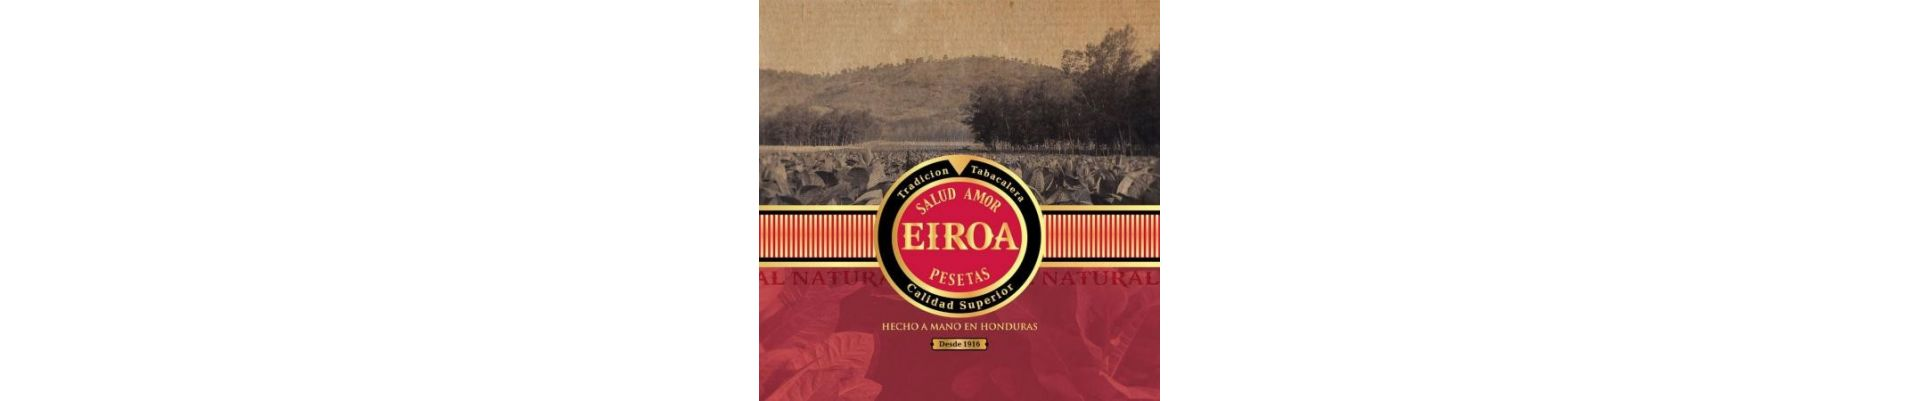 Magazin cu trabucuri Honduras Eiroa de vanzare.Pret Eiroa trabucuri